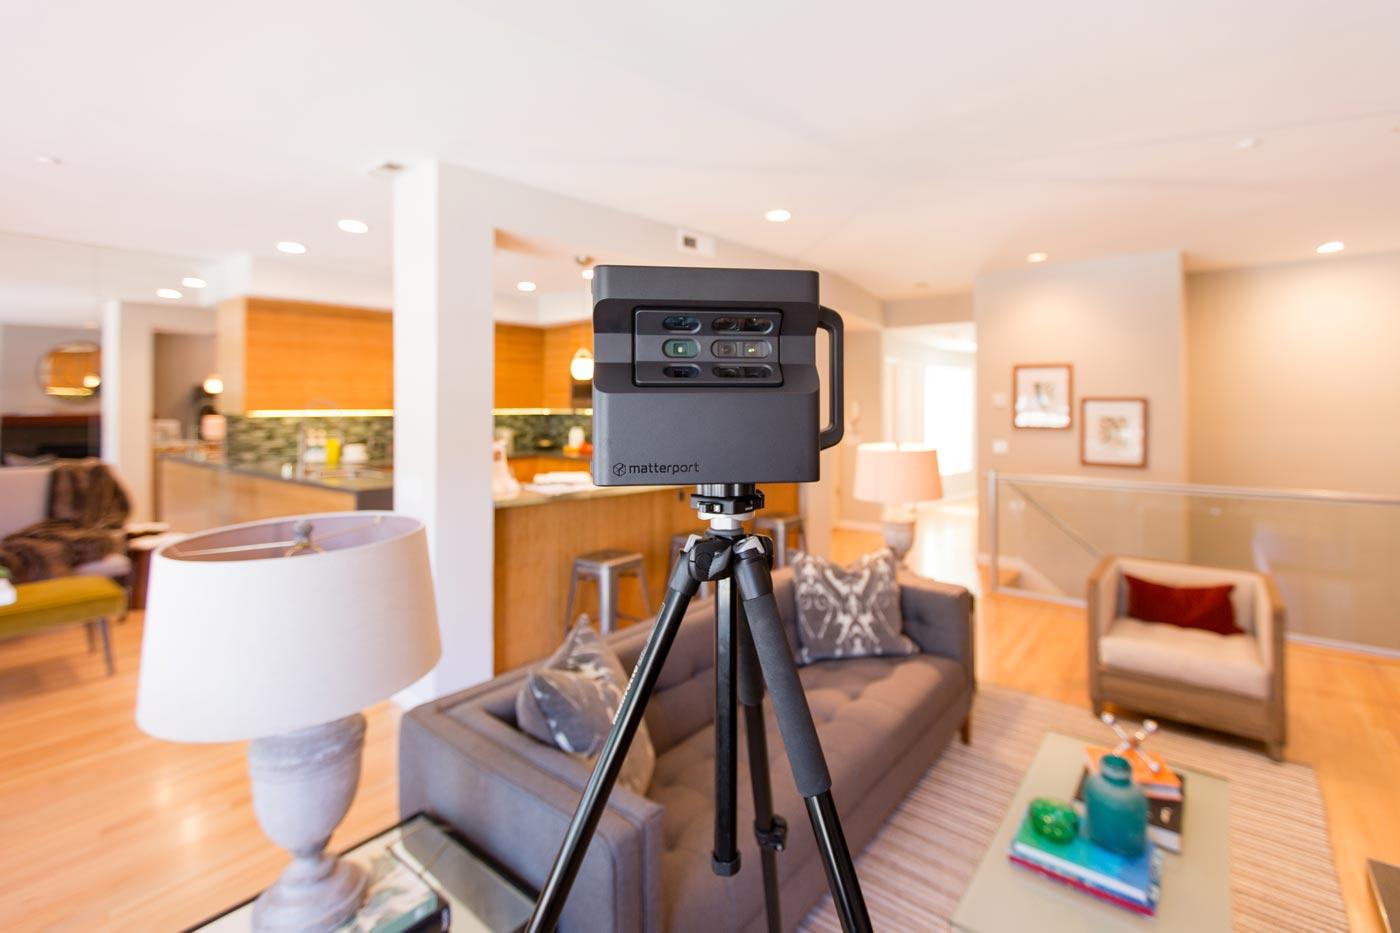 A Matterport camera